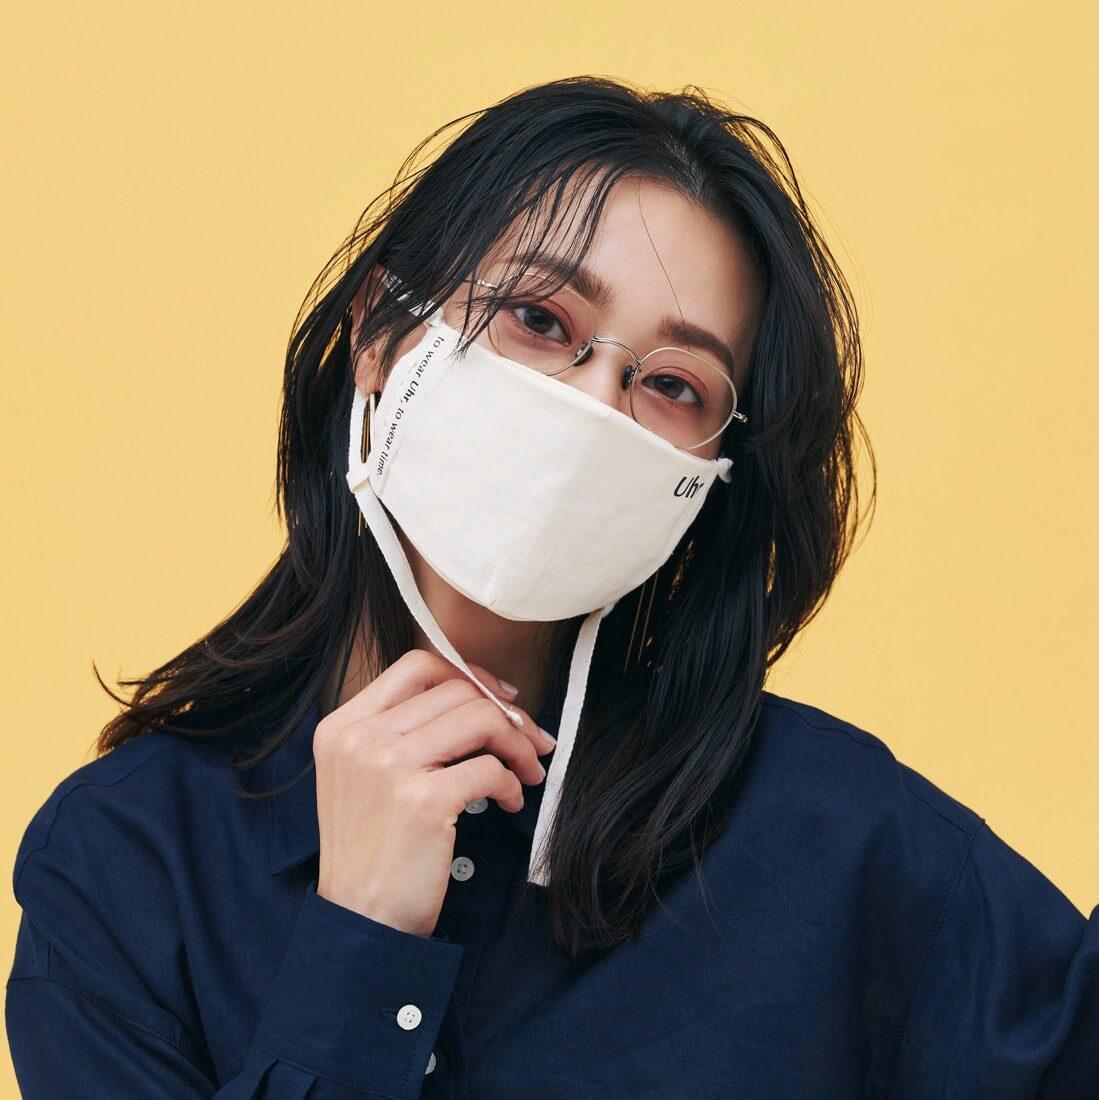 モデル/牧野紗弥 メガネ¥70400/アイヴァン PR(10 アイヴァン) マスク¥2420/ユーニード(ウーア) ピアス¥69300/マリハ